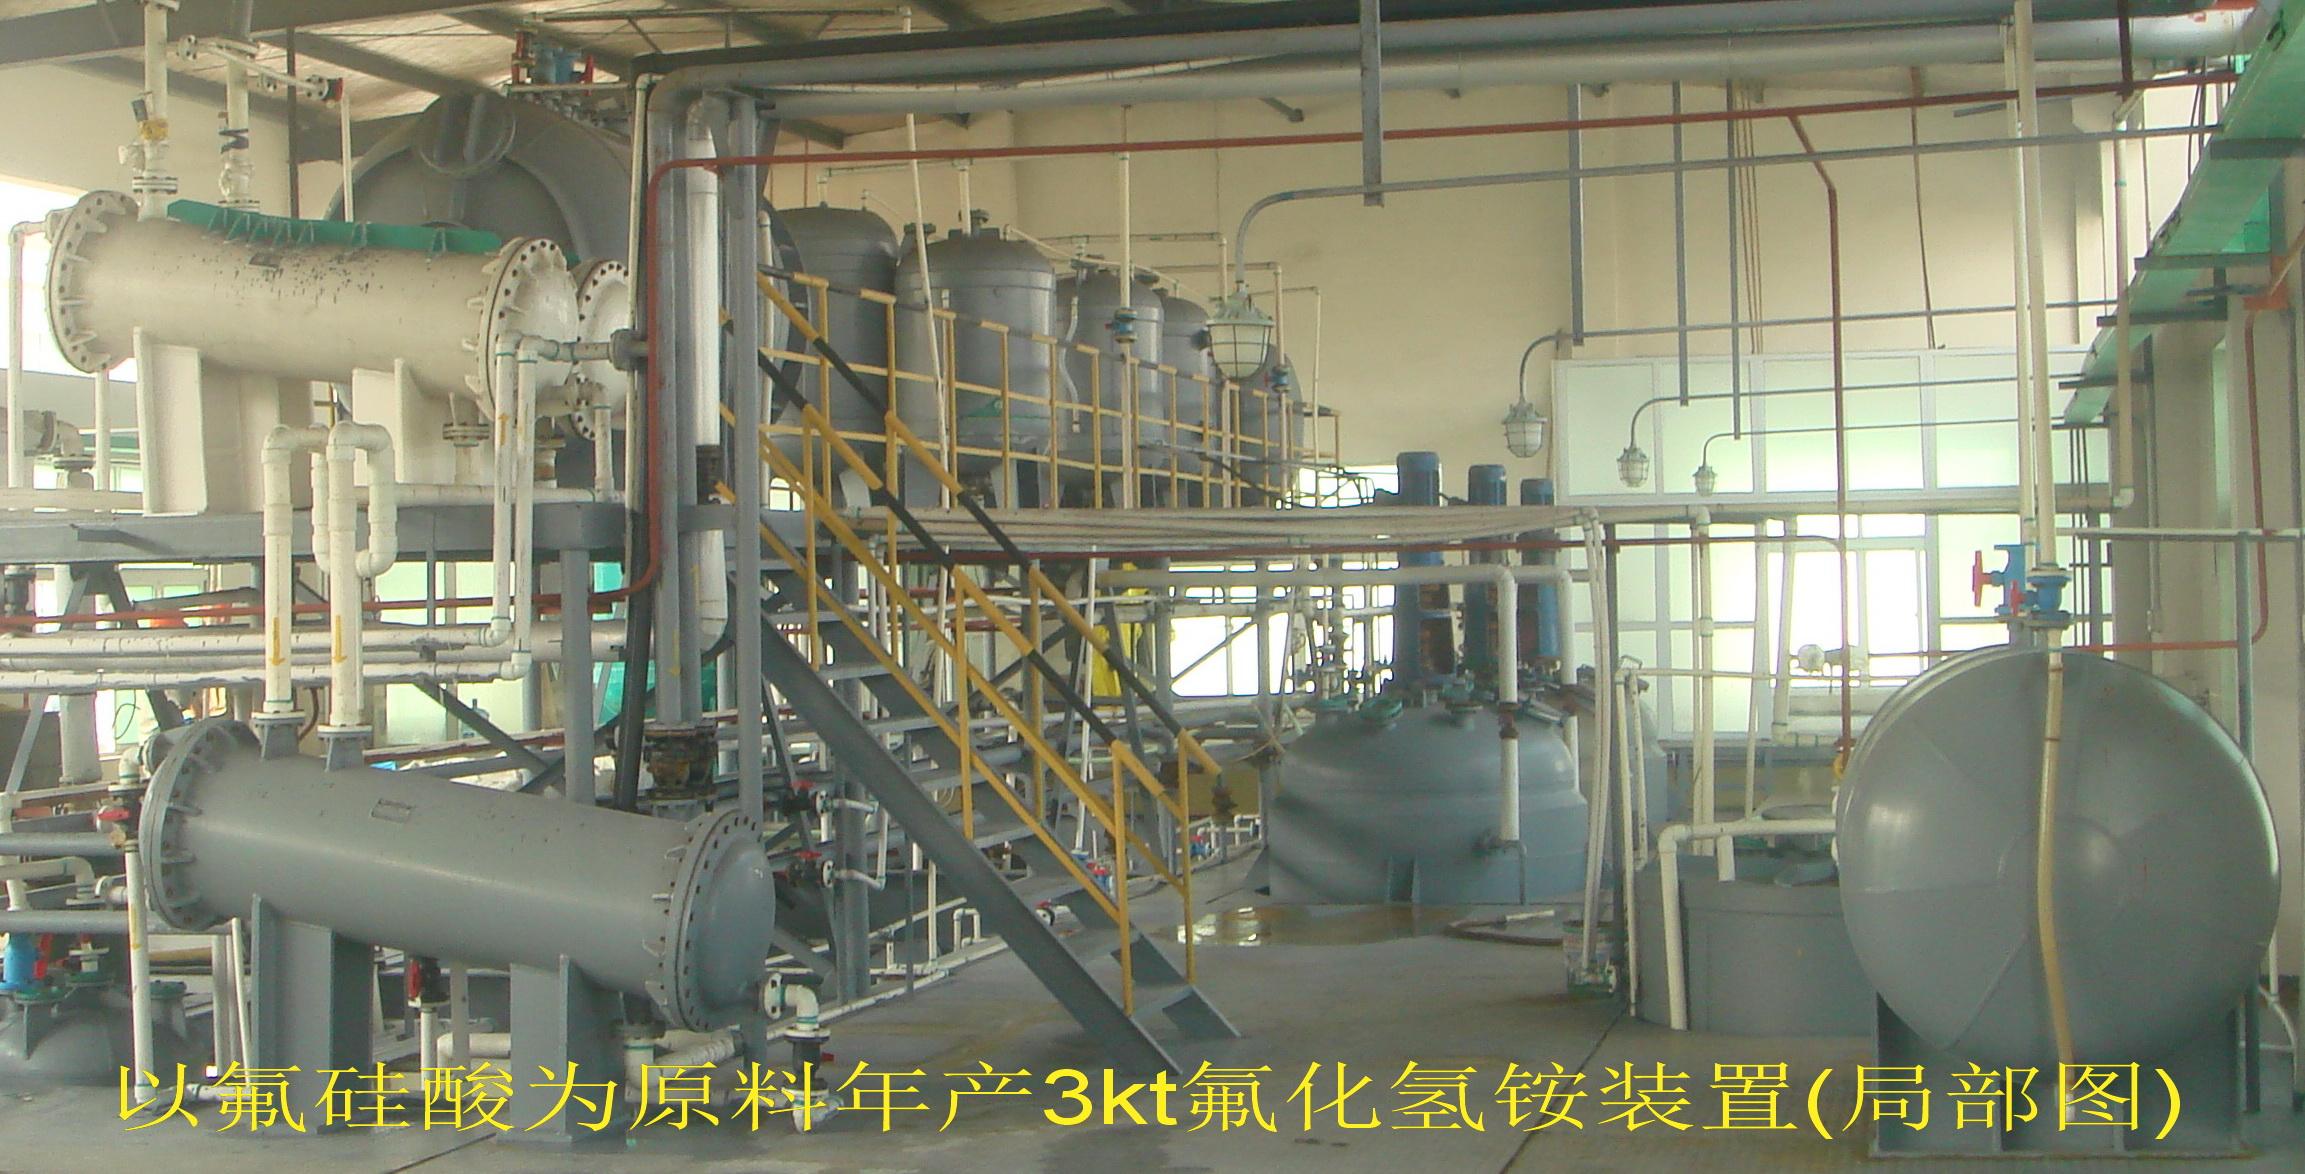 以氟硅酸为原料年产3kt氟化氢铵装置